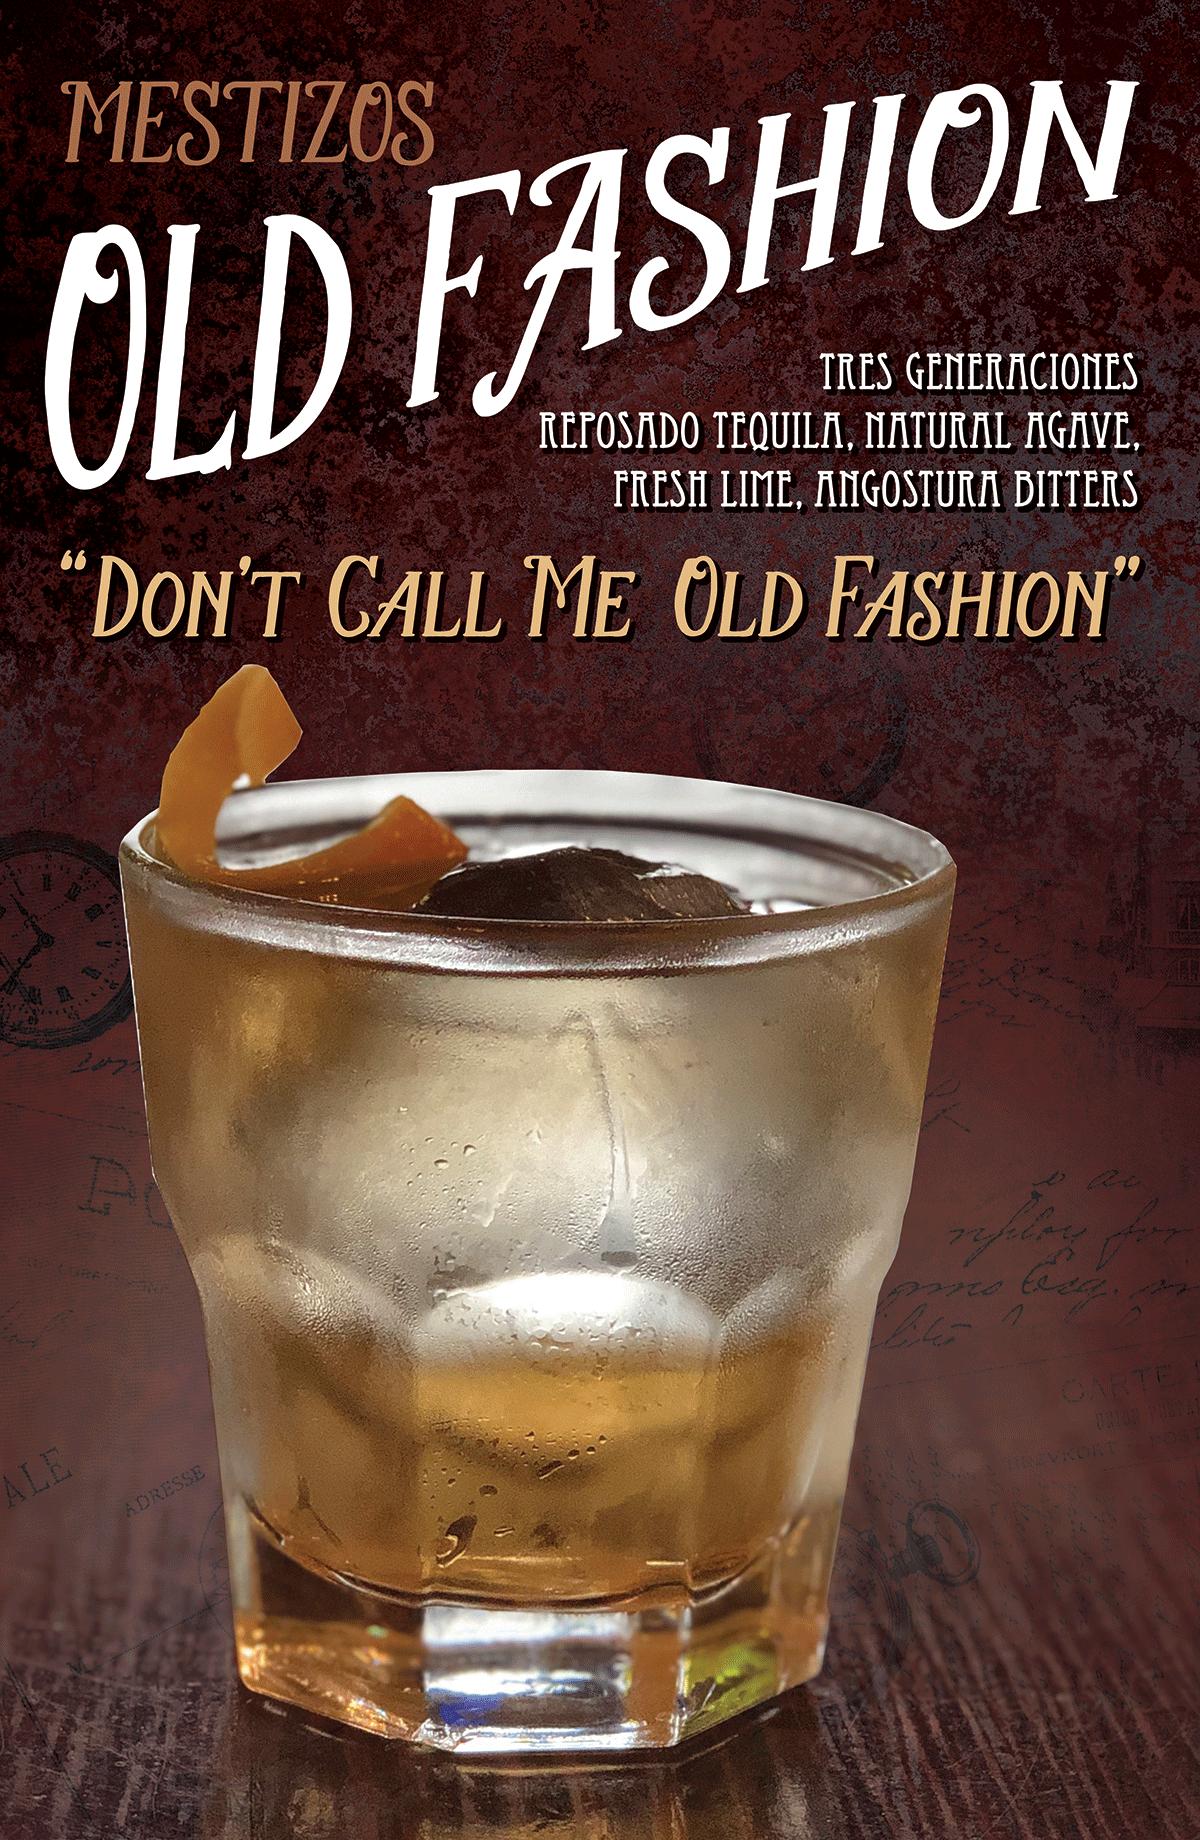 Mestizos-Old-Fashion-march2021